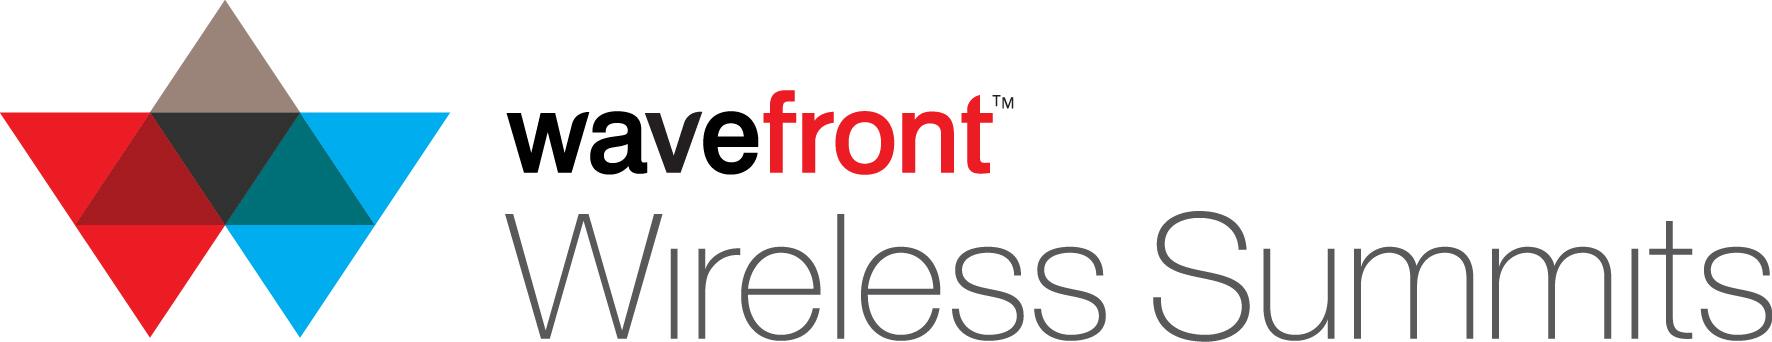 Wavefront_Wireless_Summits_logo_RGB